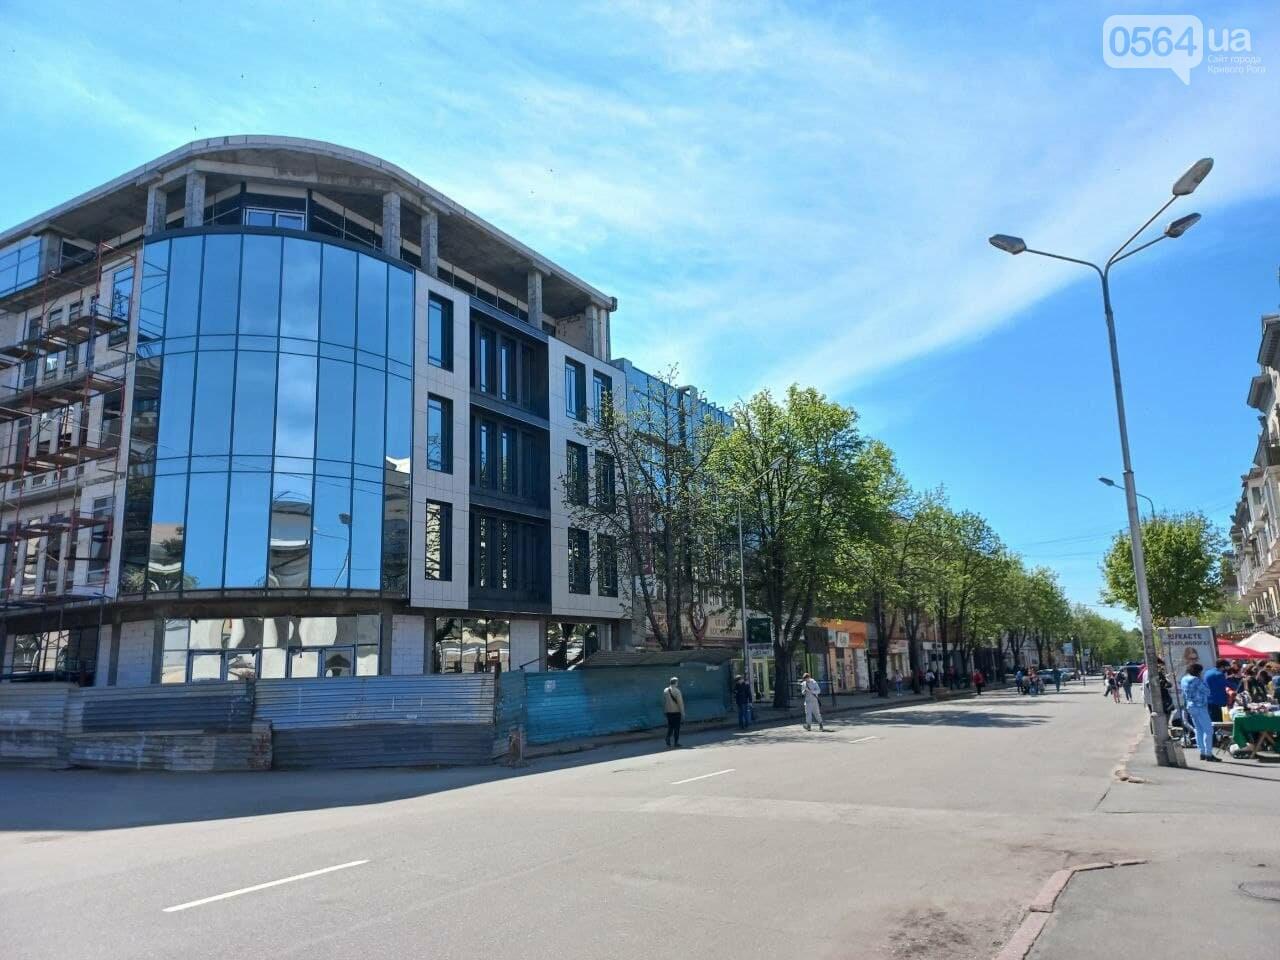 """Новый """"гранд-отель""""  в Кривом Роге попытались гармонизировать с пространством исторического проспекта, - ФОТО, фото-6"""